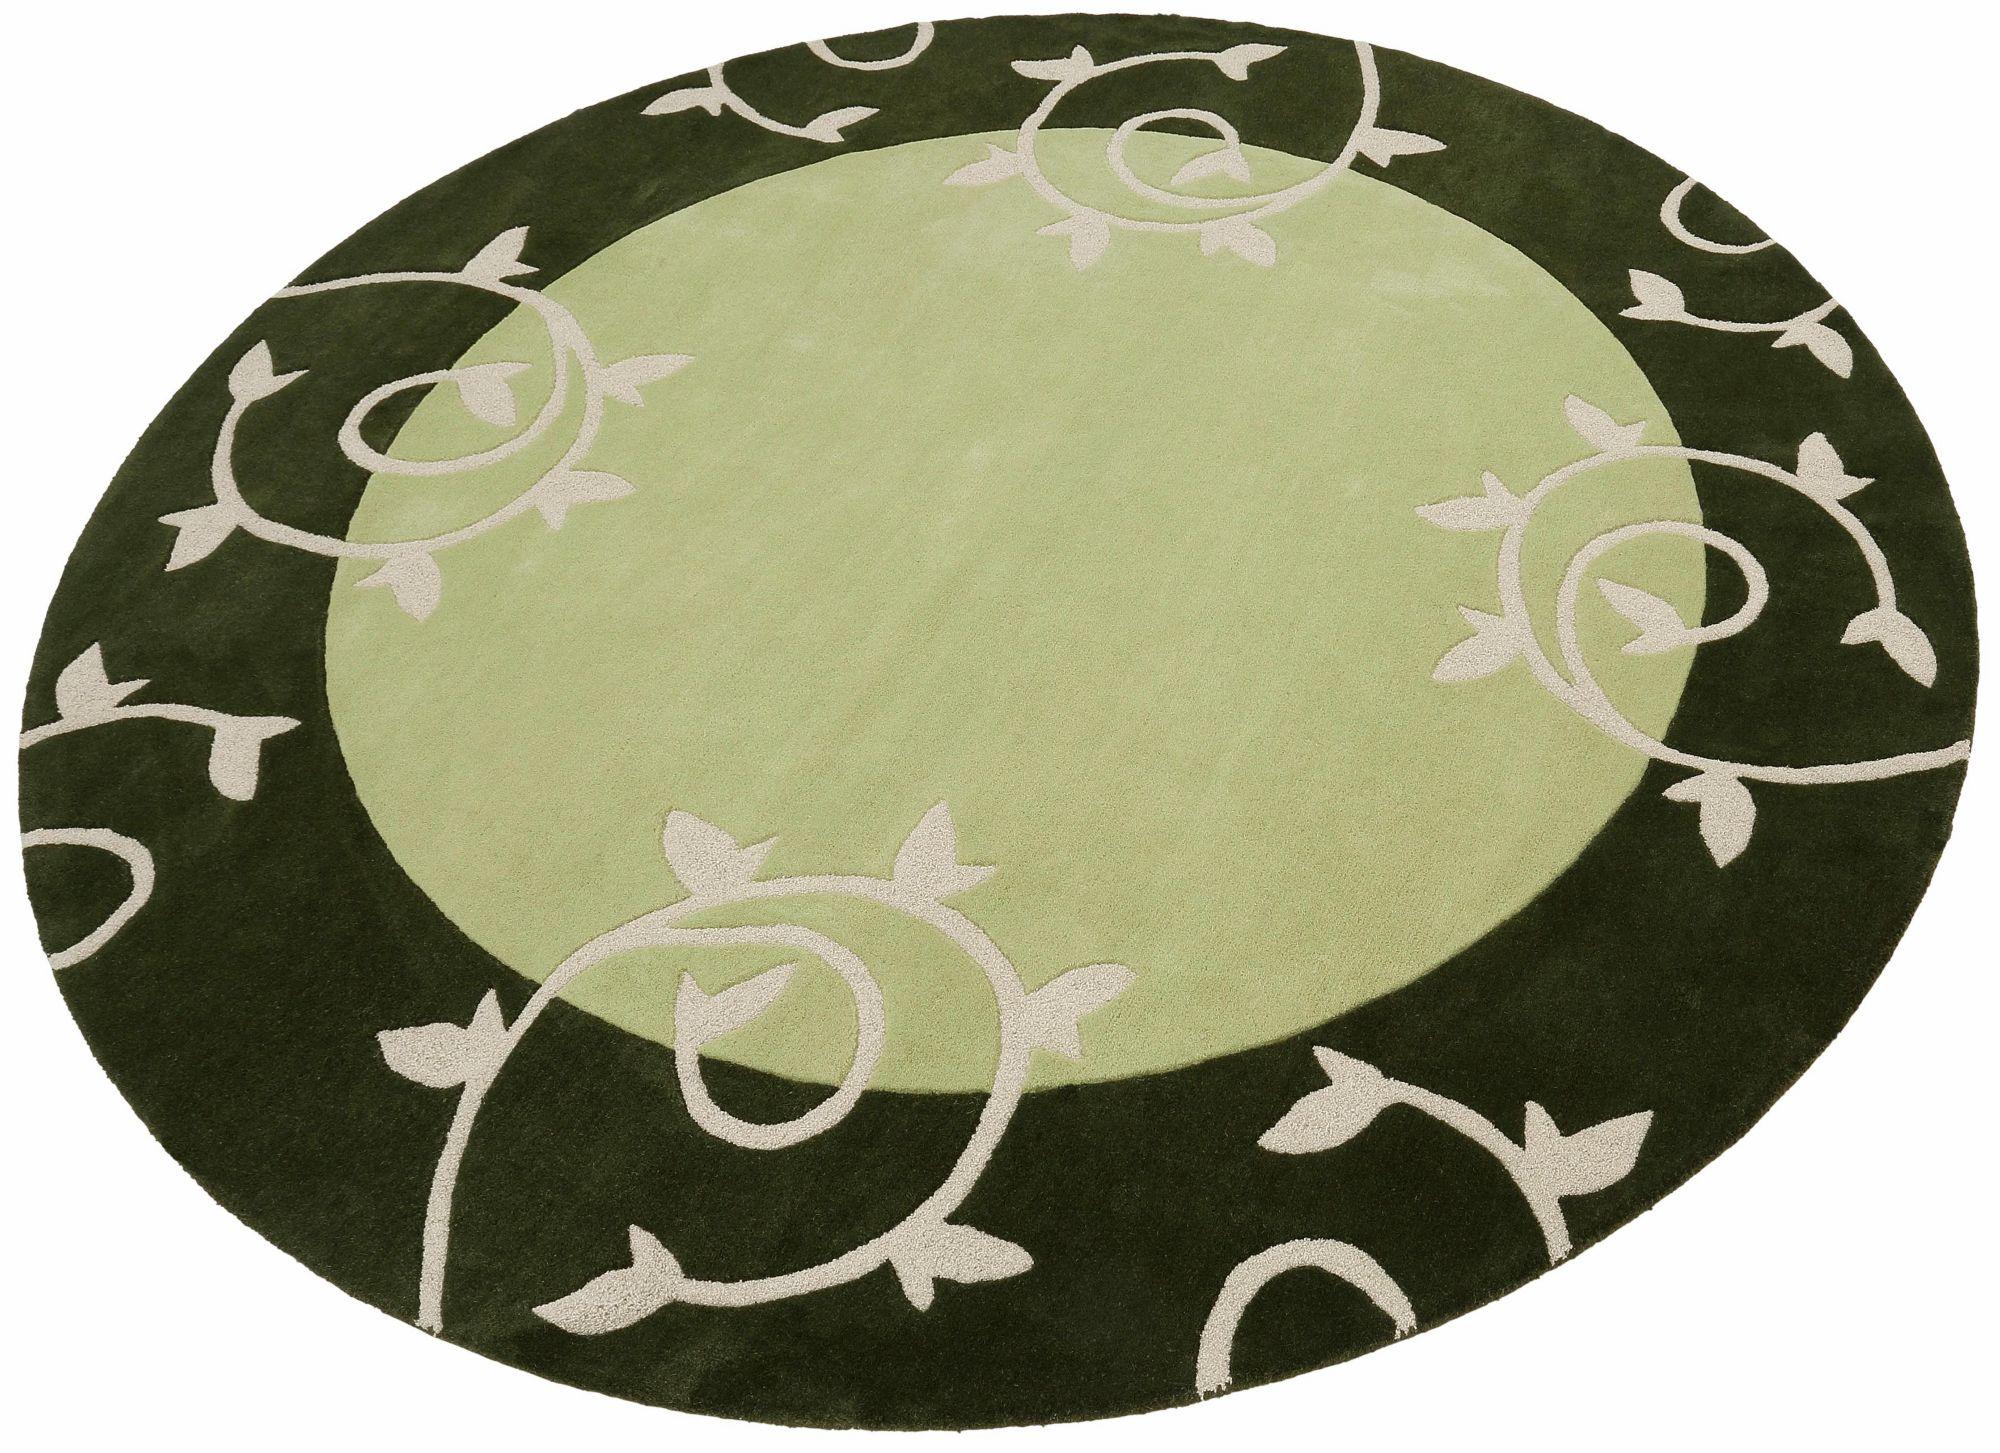 HOME AFFAIRE COLLECTION Teppich, rund, Home Affaire Collection, »Parma«, Hoch-Tief-Effekt, handgetuftet, reine Schurwolle